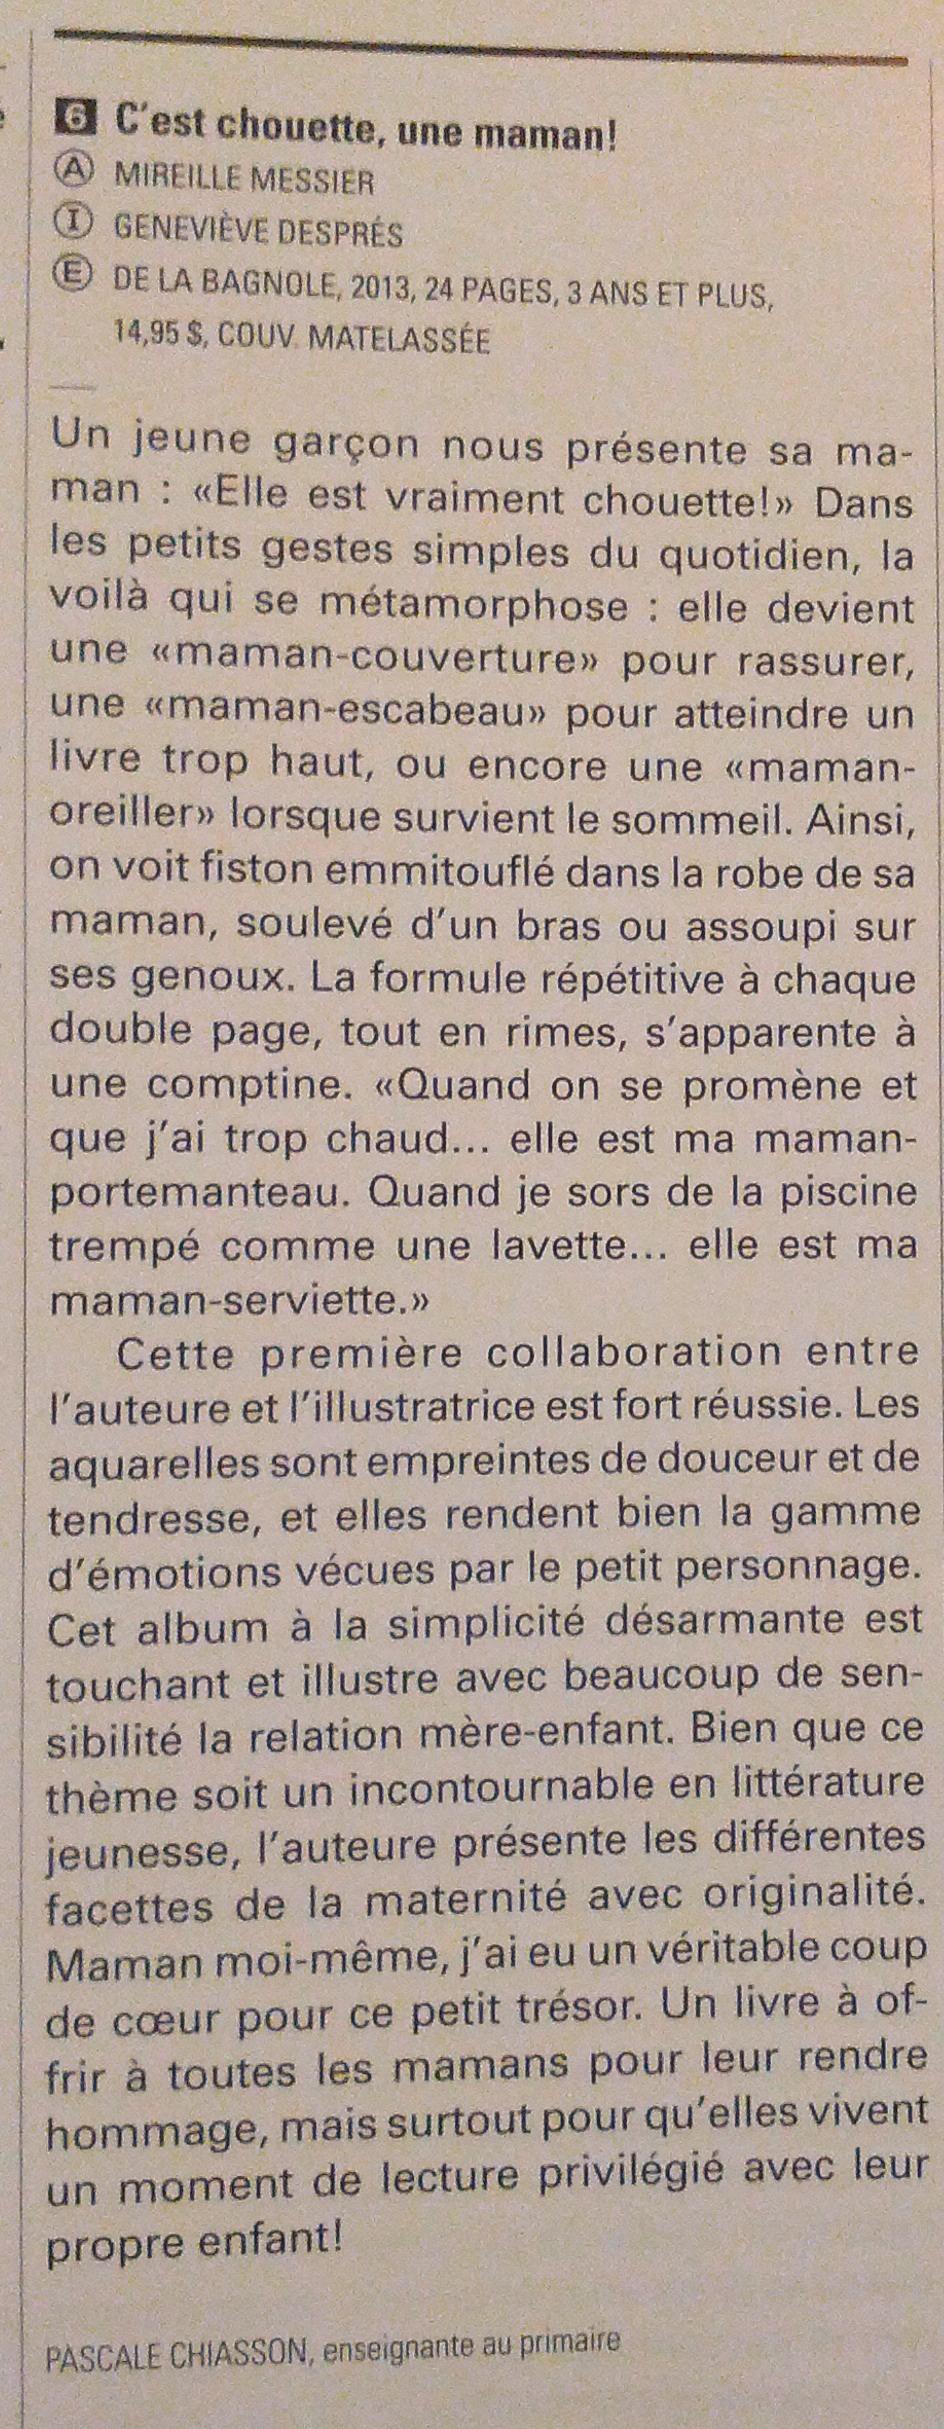 Critique de C'est chouette une maman dans Lurelu (Sept. 2013)